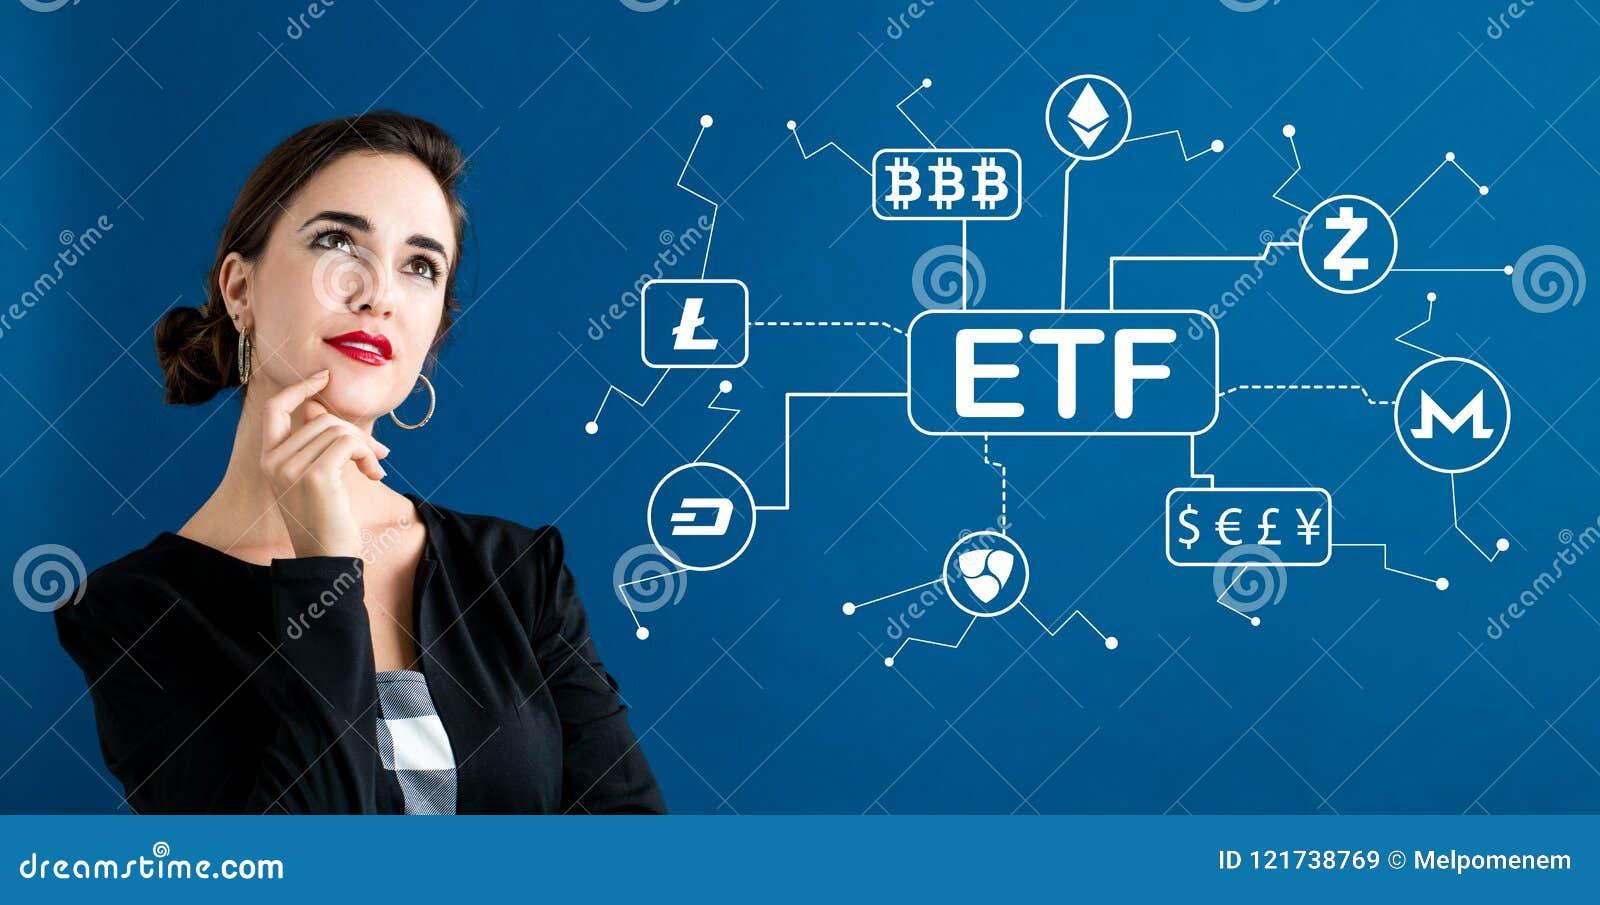 Тема Cryptocurrency ETF с бизнес-леди